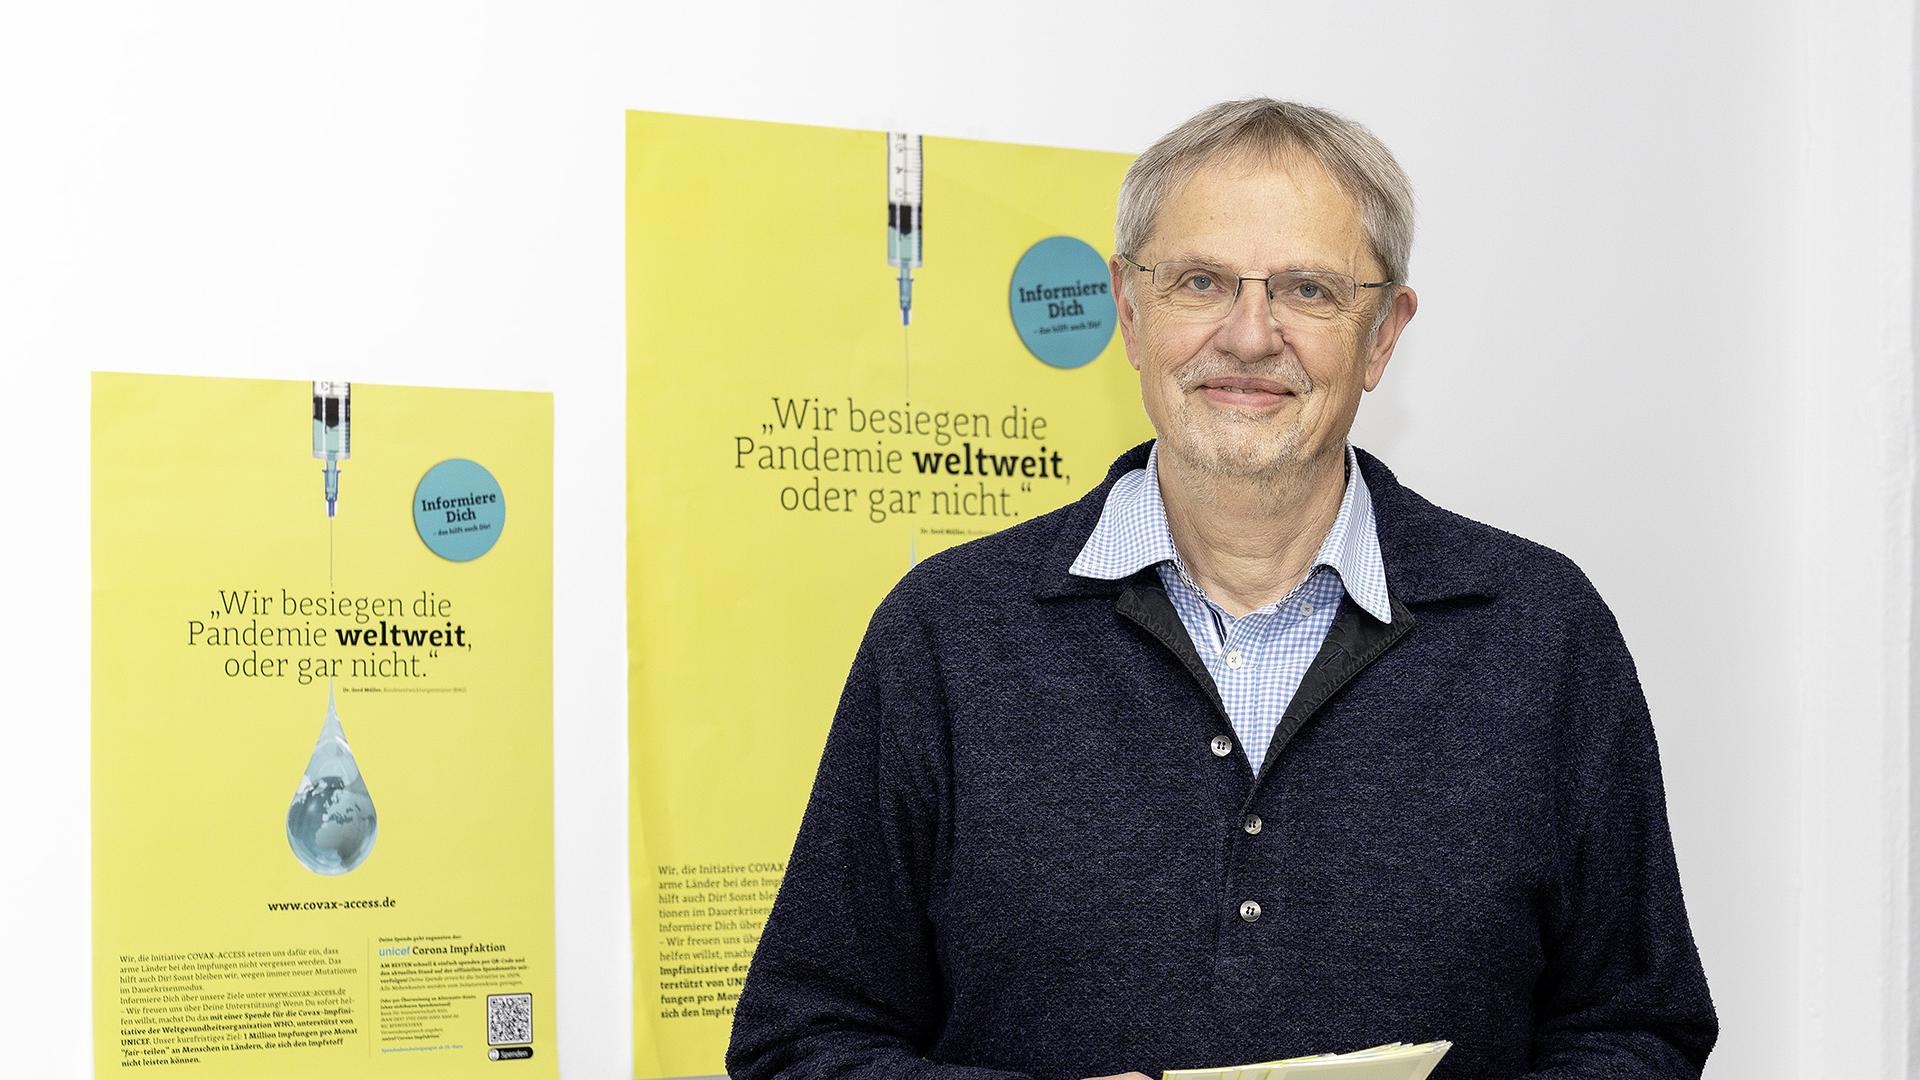 Engagiert im Kampf um die globale Impfgerechtigkeit: Gerhard Büchele (71) leitet eine Firma für Lufttechnik in Karlsruhe und treibt mit einem Team von Freiwilligen die lokale Initiative Covax Access voran.